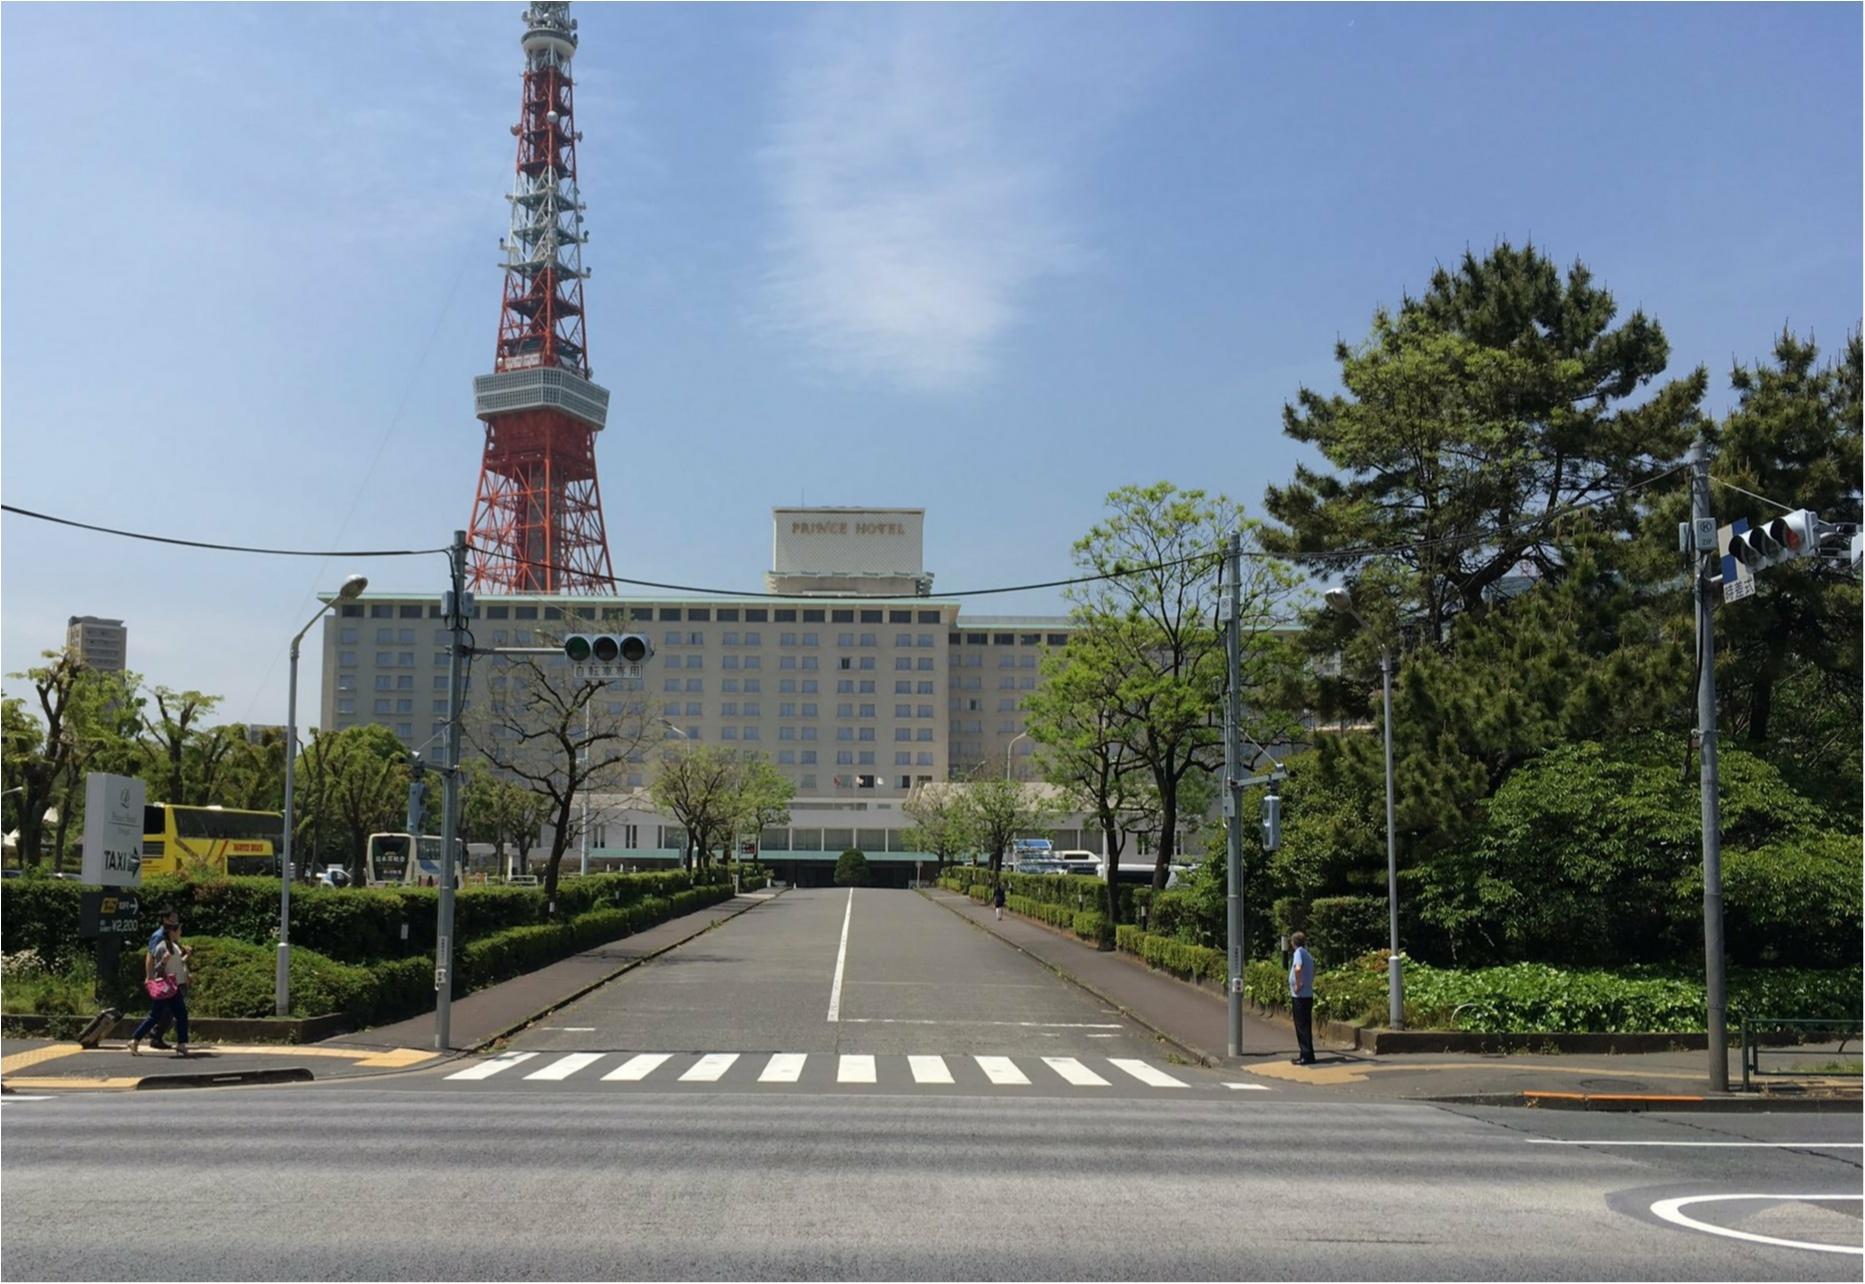 【ランチビュッフェ】コスパがかなり良いプリンスホテル♡_1